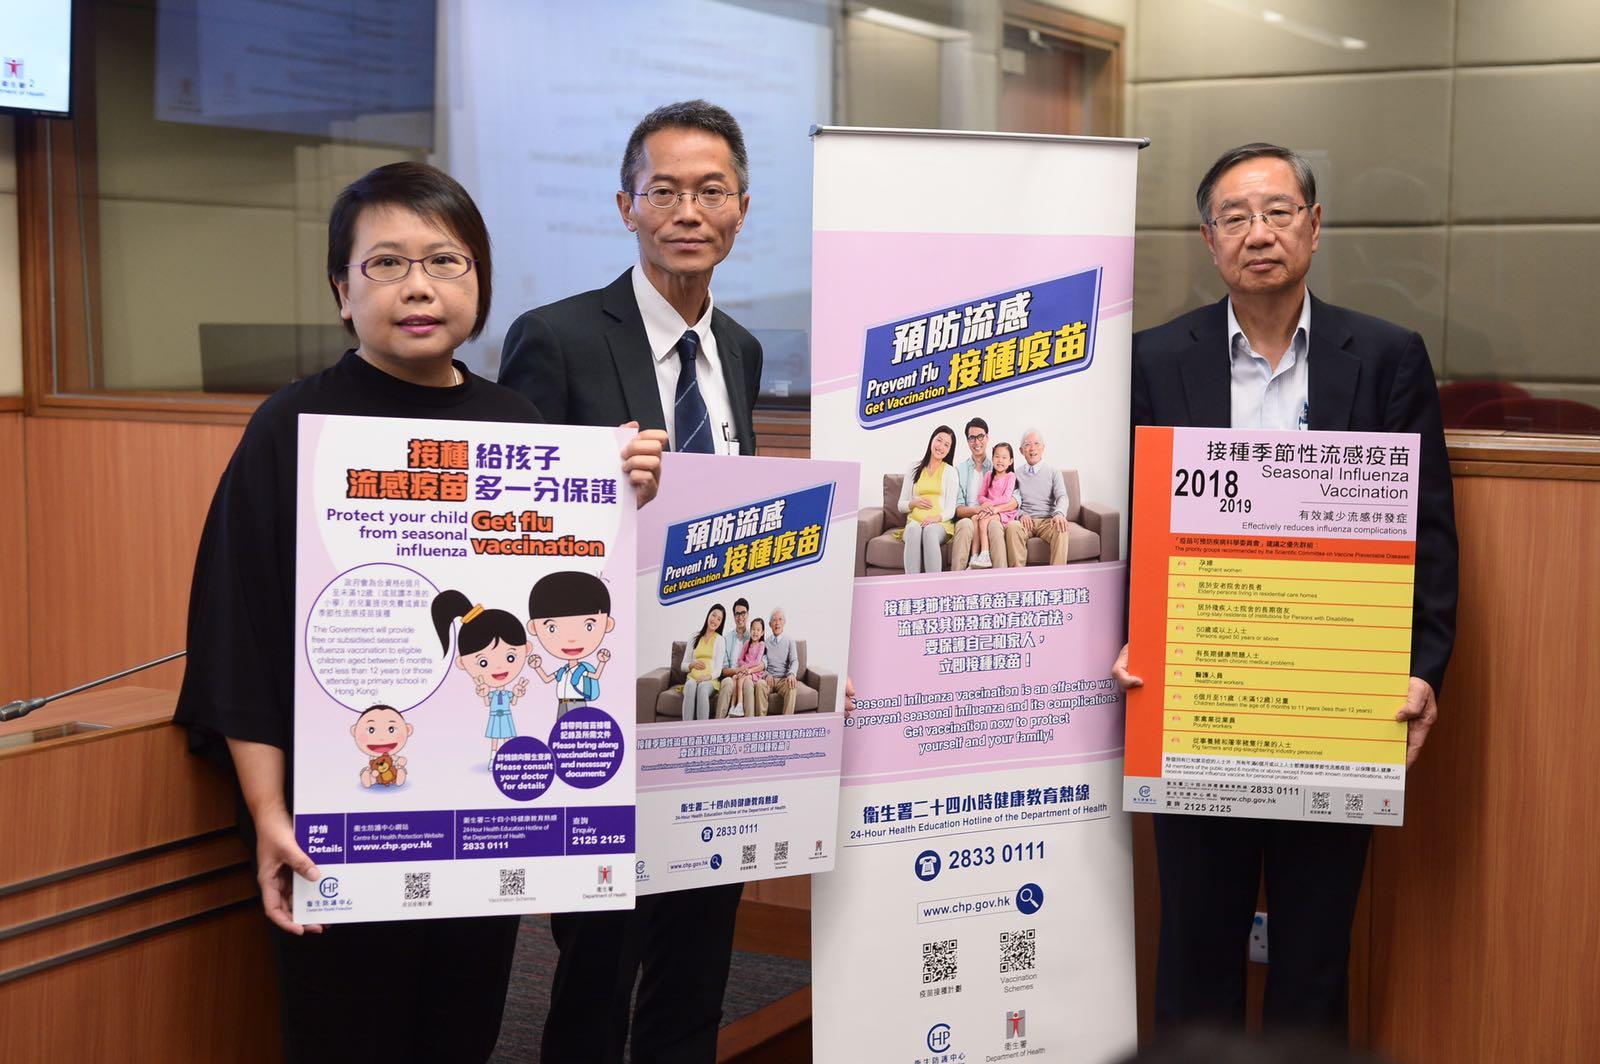 政府宣布,「疫苗資助計劃」合資格組別新增50至64歲的香港居民,料約180萬人受惠。蘇正謙攝